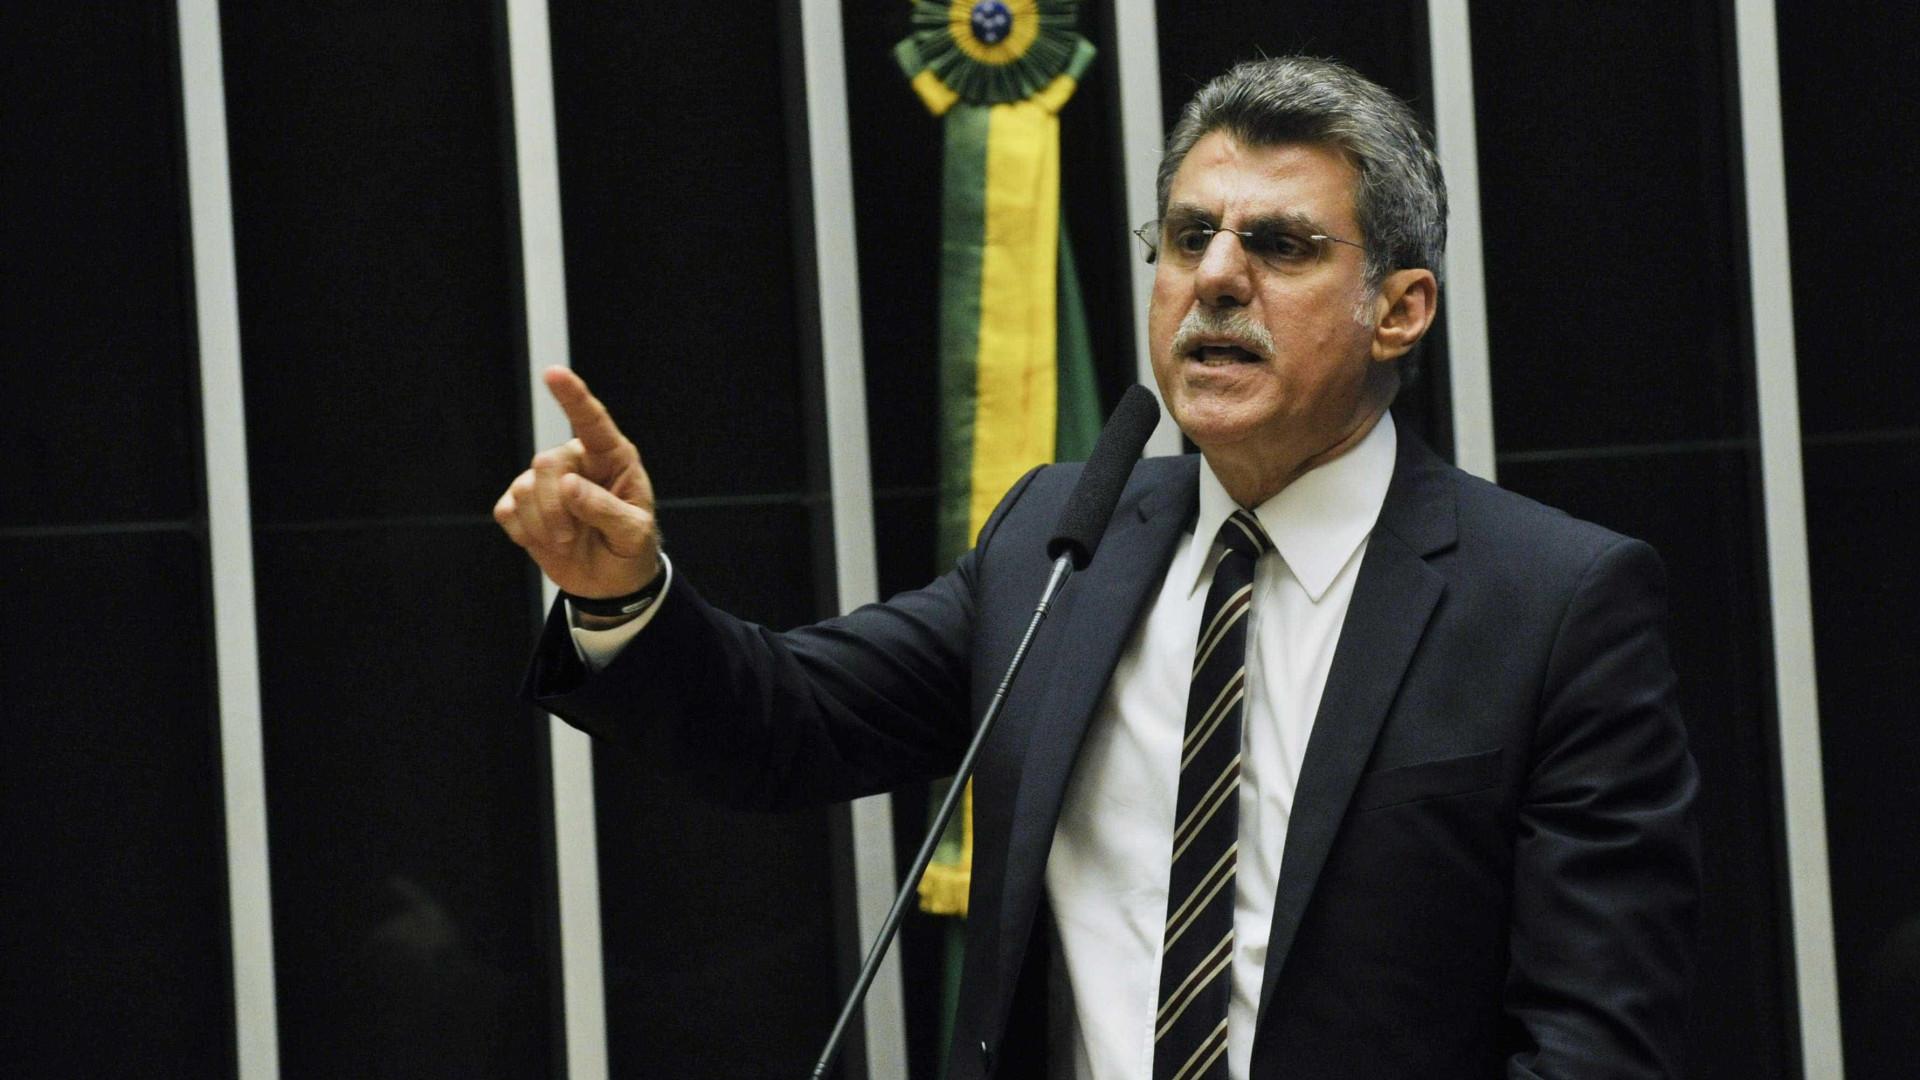 Alvos da Operação Lava Jato discutem reforma política no TSE